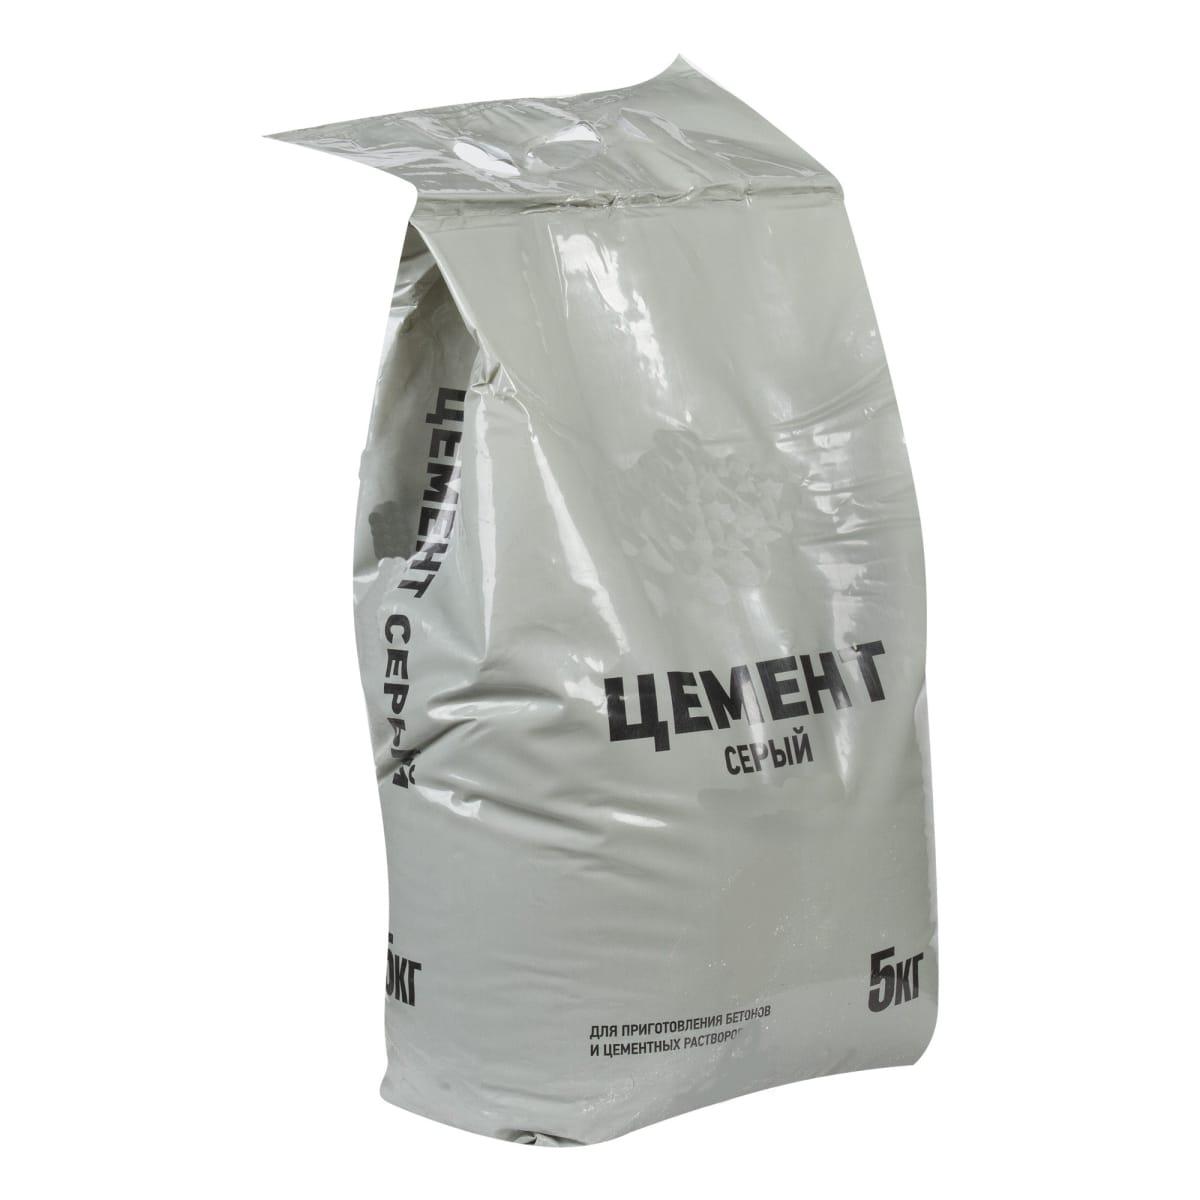 Леруа мерлен цемент купить в москве как проверяется жесткость бетонной смеси